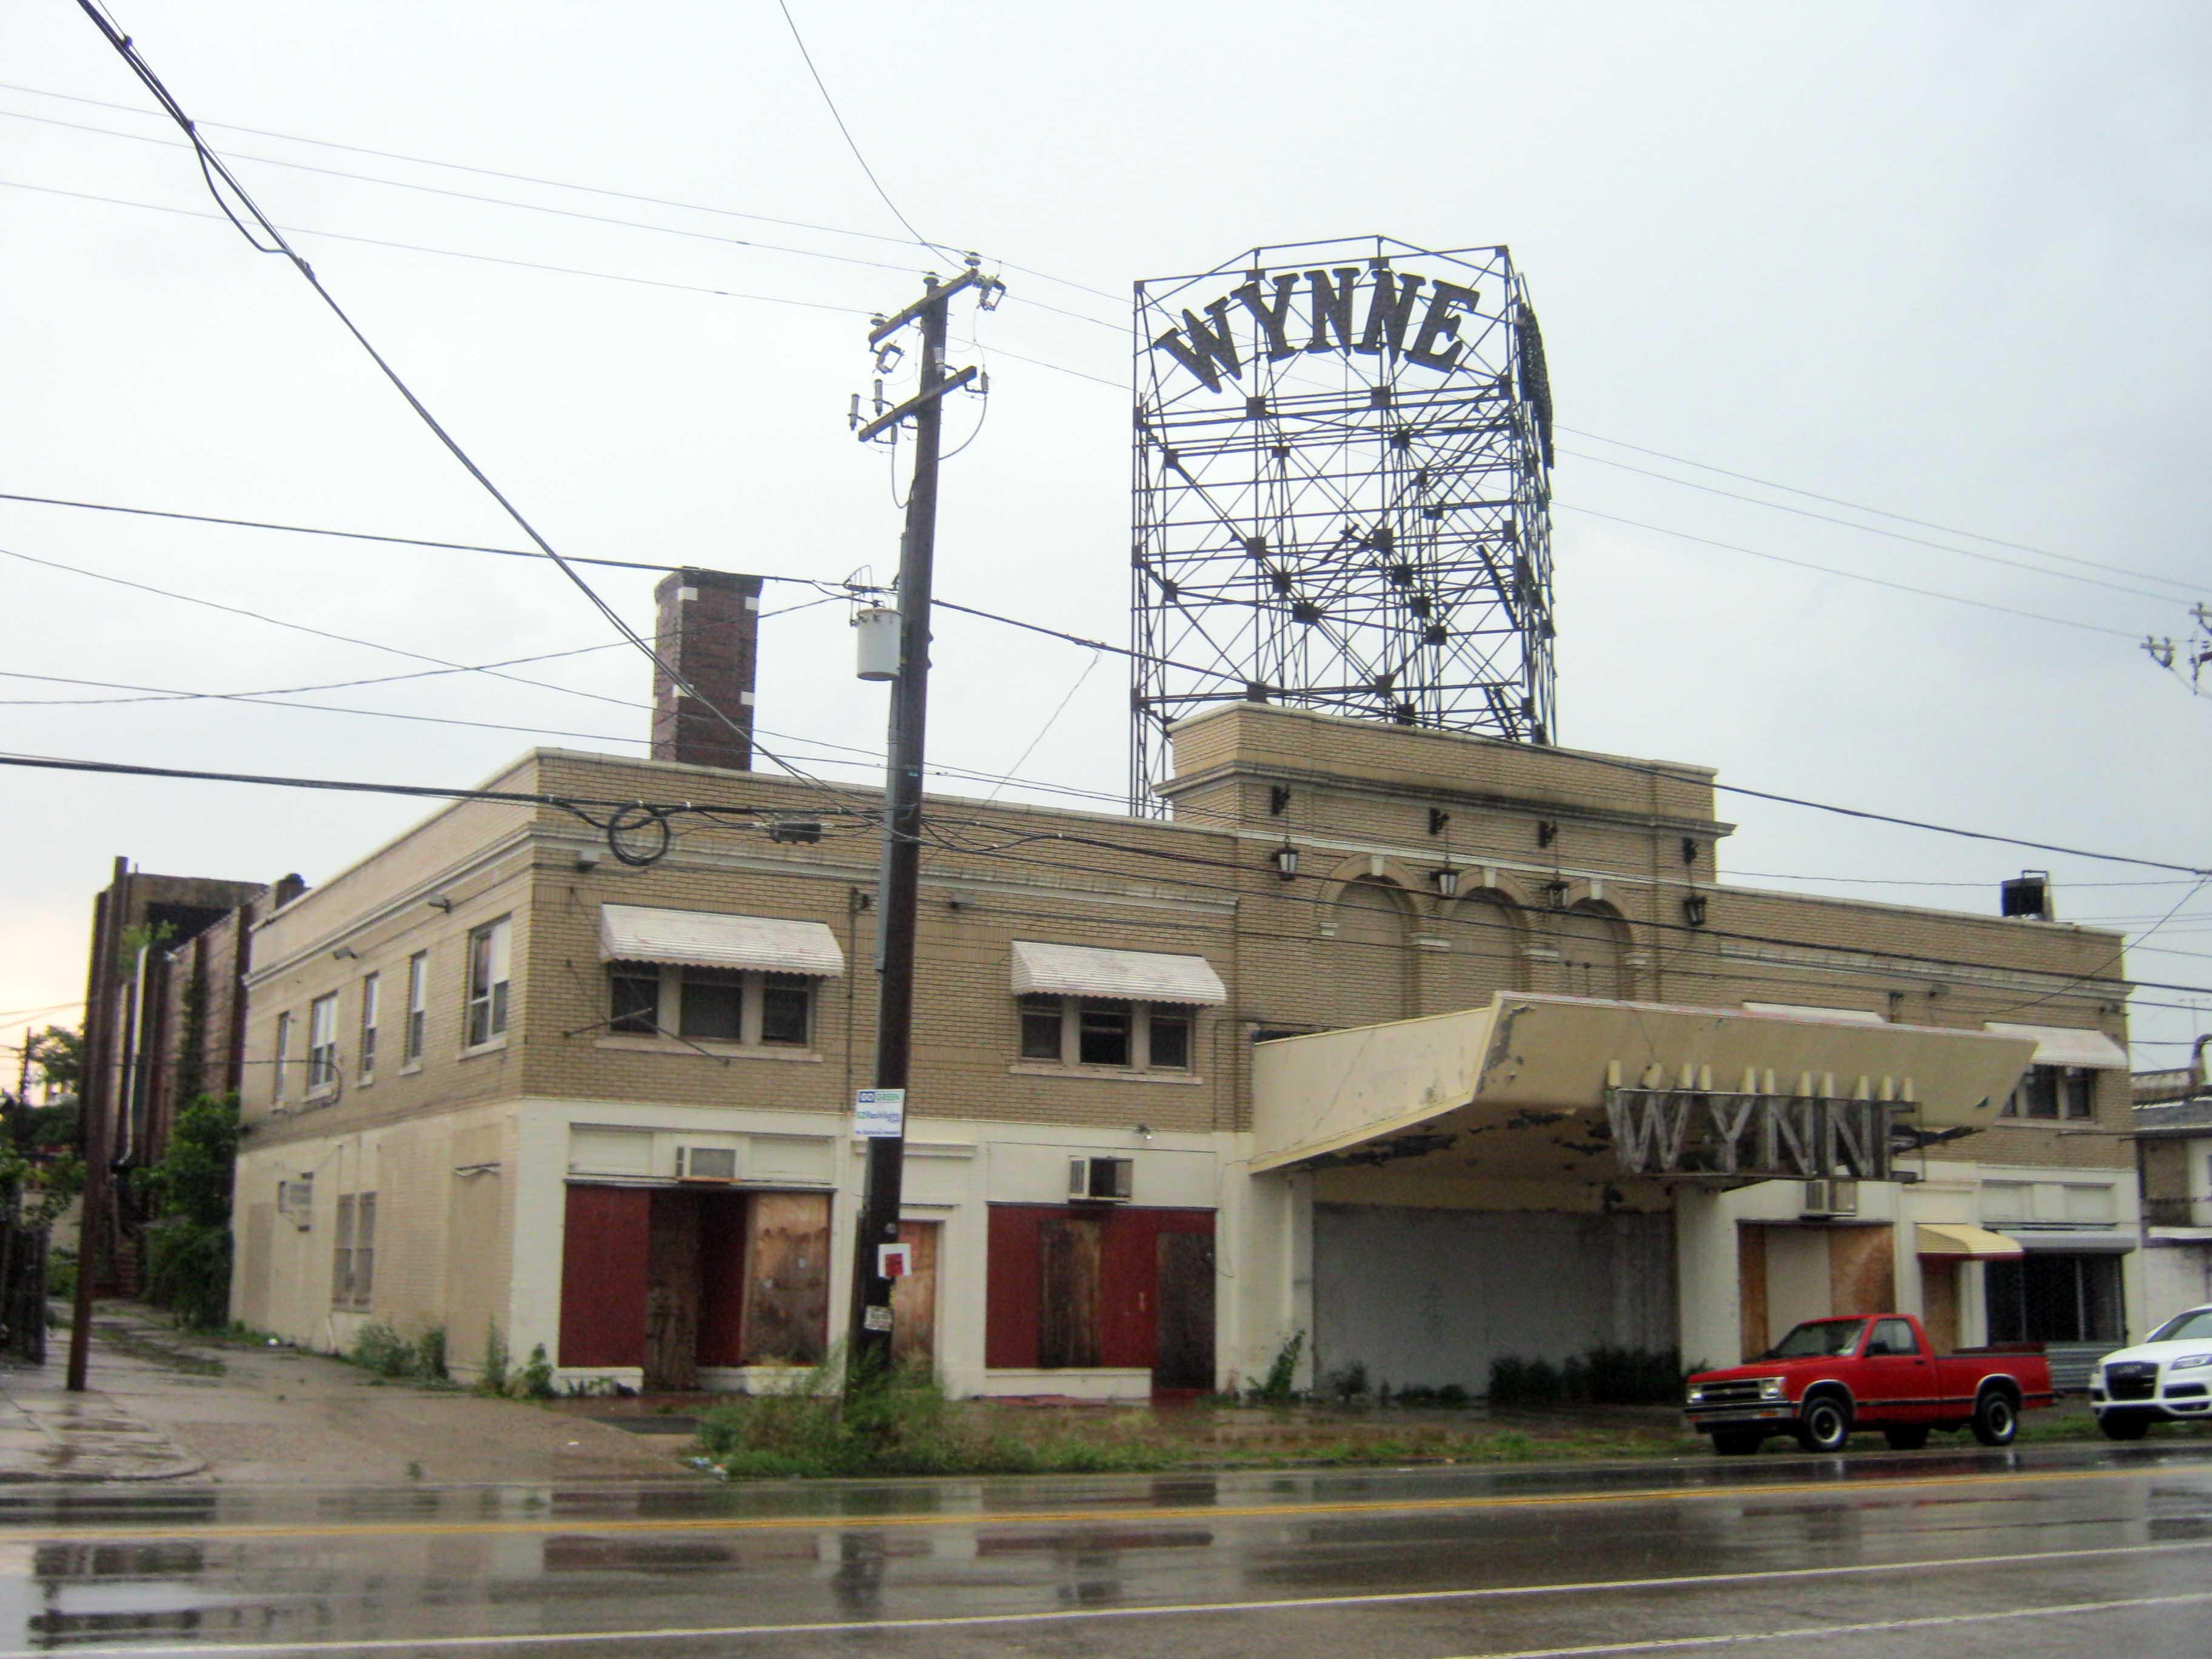 Wynne Ballroom